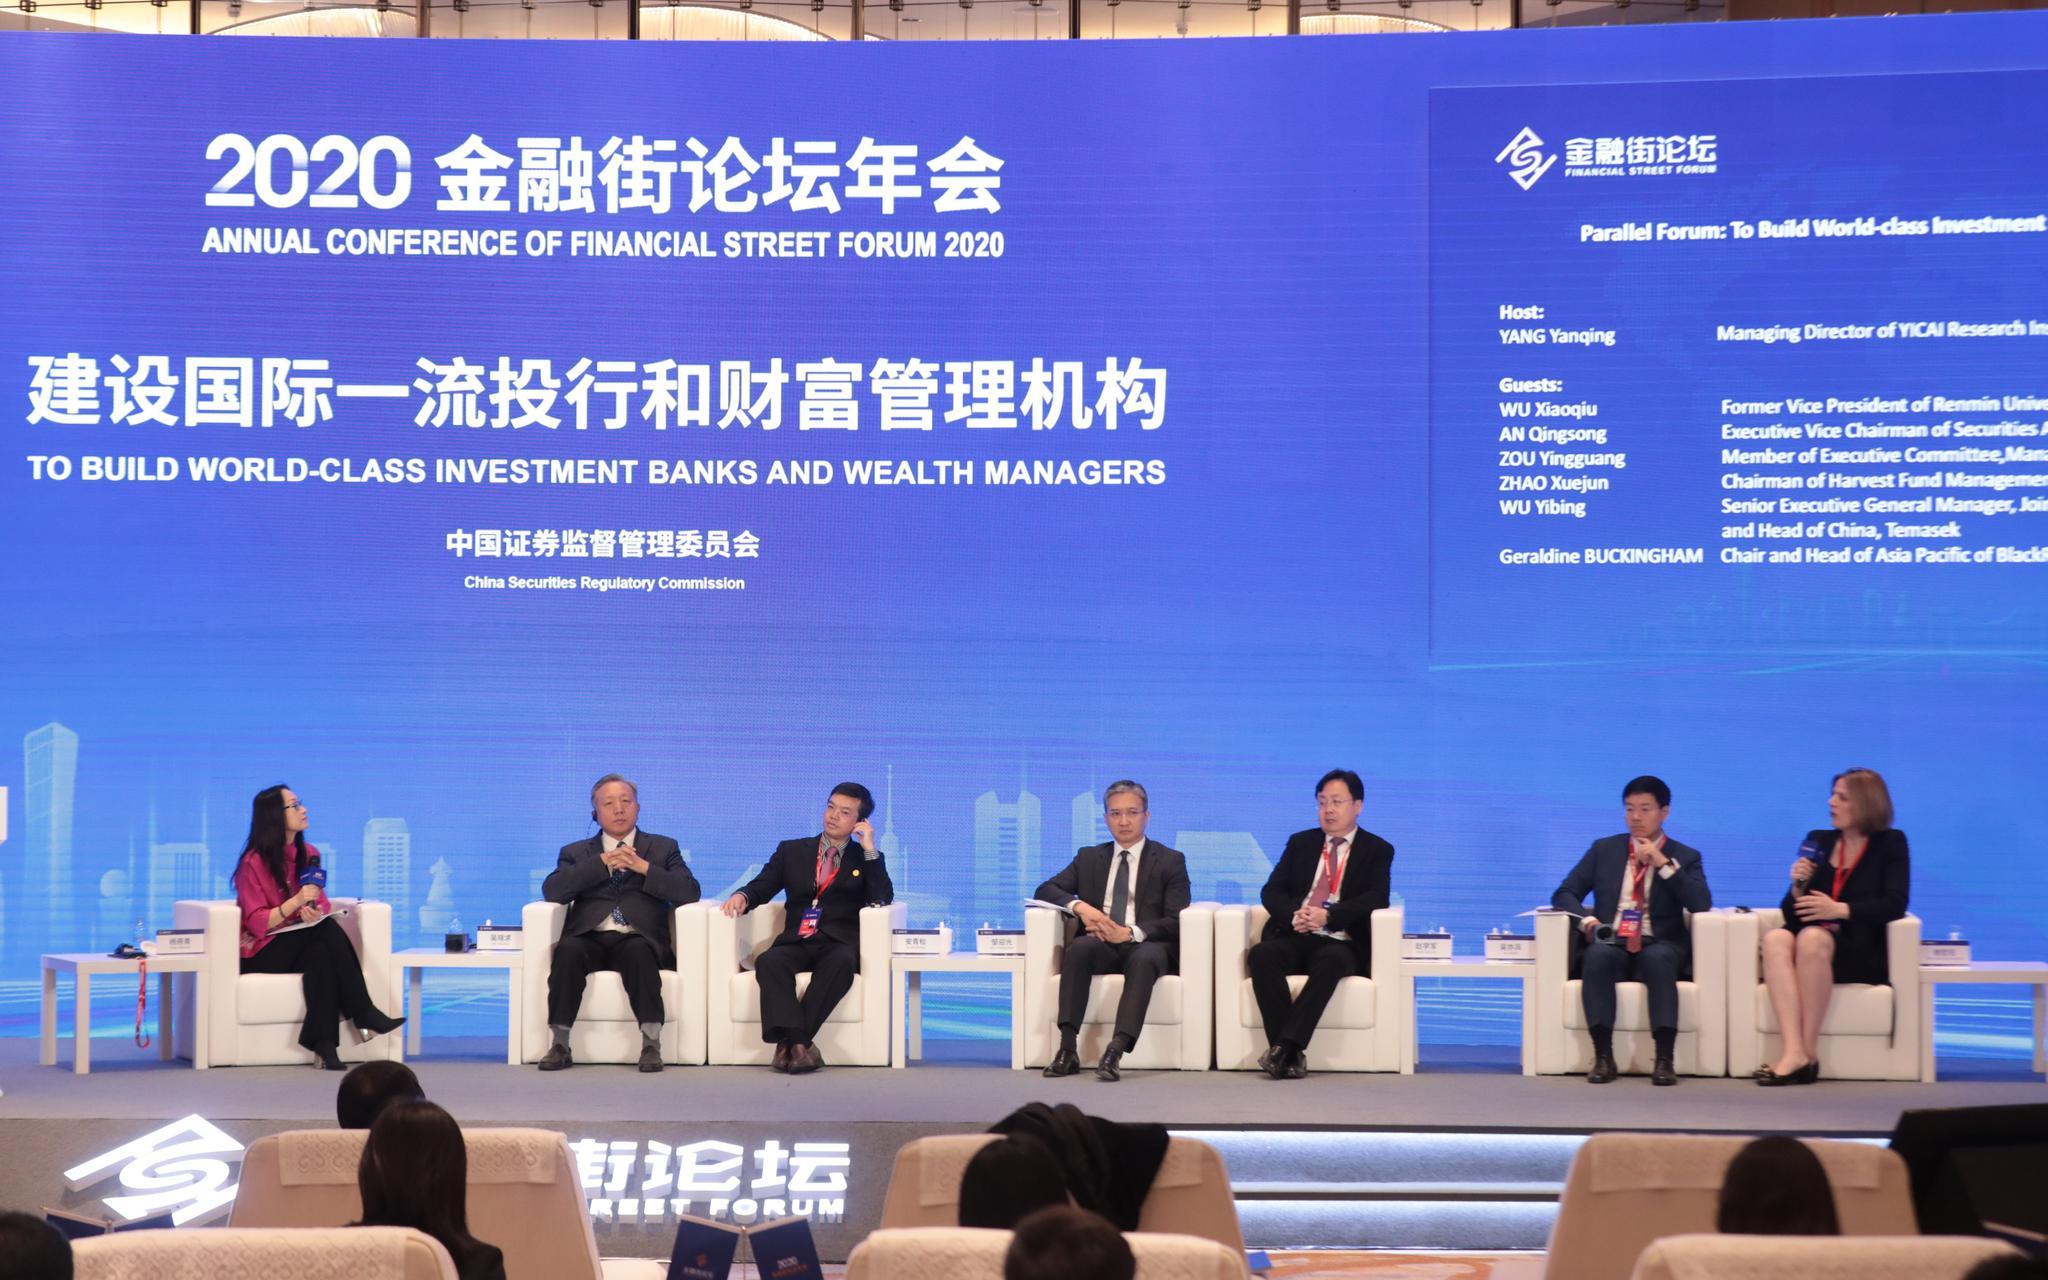 吴晓求、安青松等联合献策:打造中国一流投行和财富管理机构图片